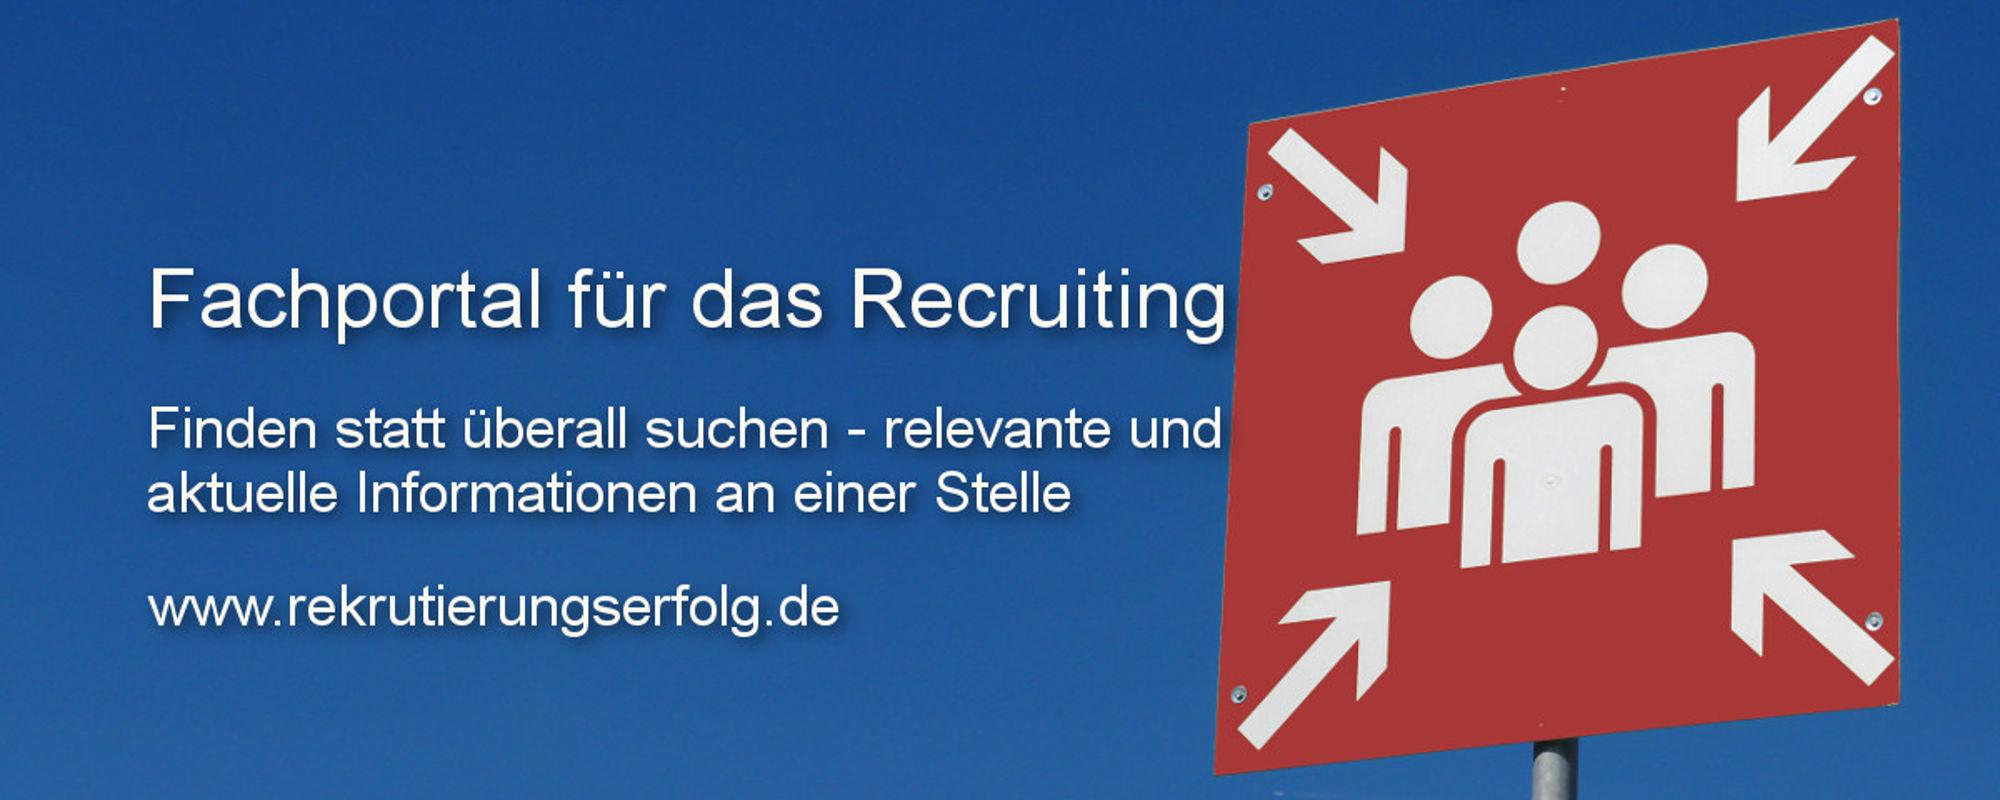 Portal Rekrutierungserfolg.de